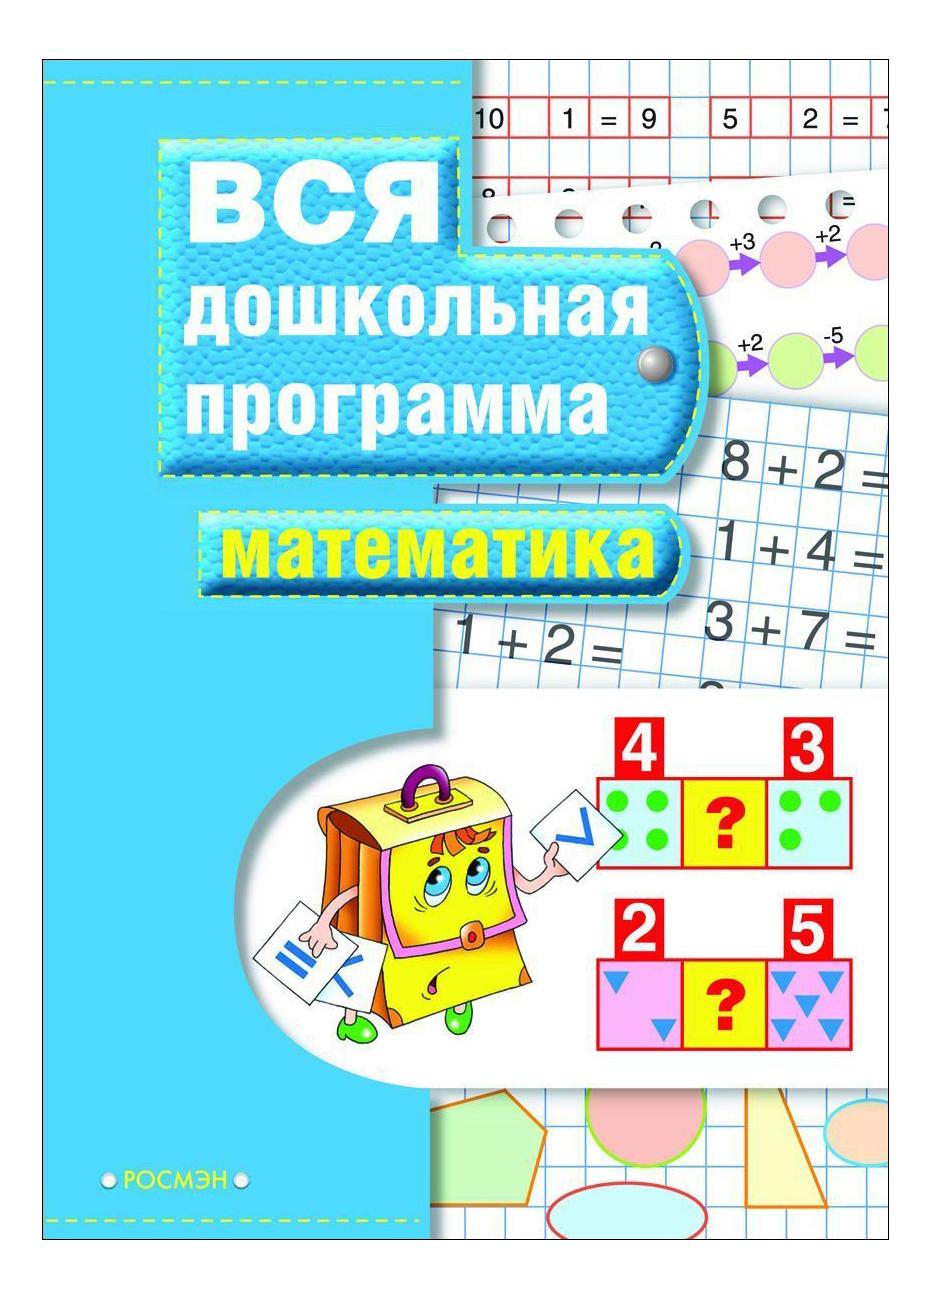 Математика. Вся Дошкольная программа. Учебное пособие по подготовке к Школе С. Гаврина фото